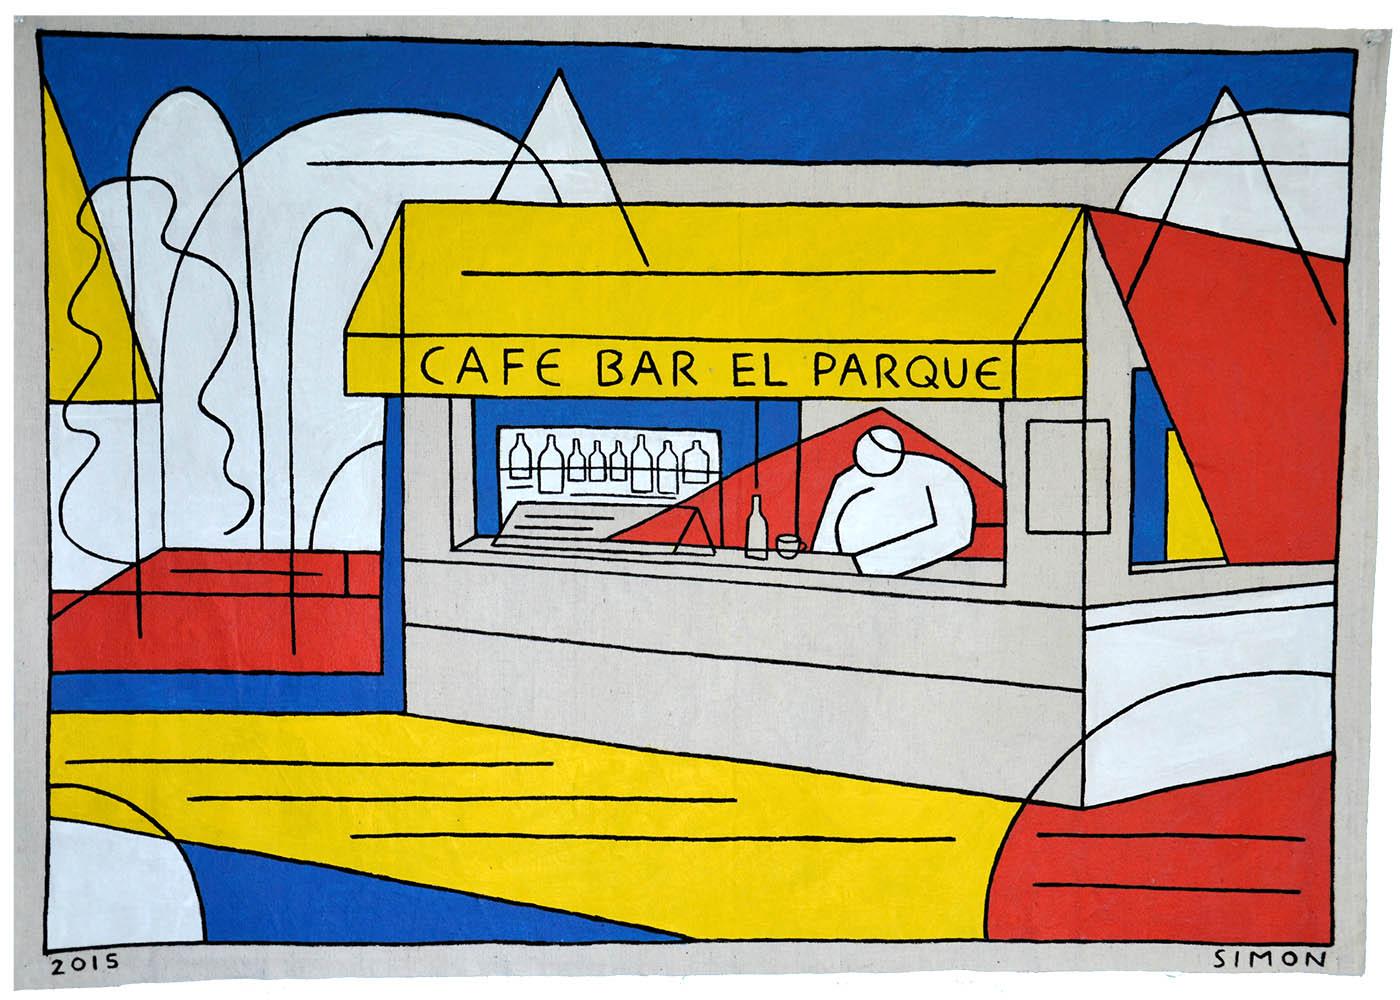 Cafe Bar El Parque.jpg